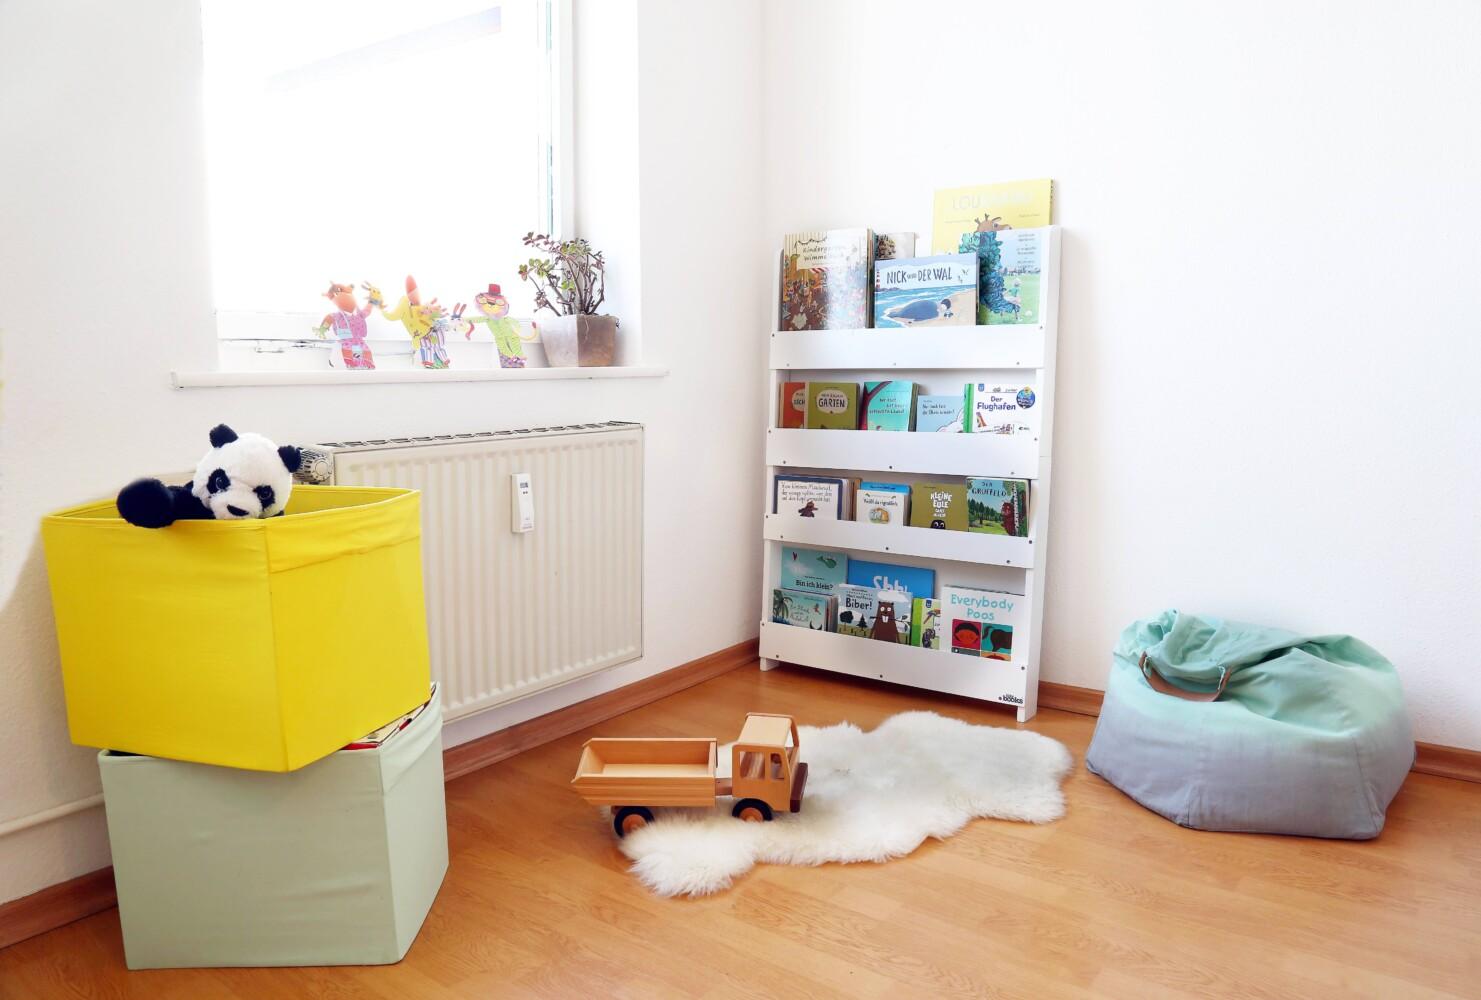 Leseecke kinderzimmer  Ein kleines Kinderzimmer Make-Over - Littleyears